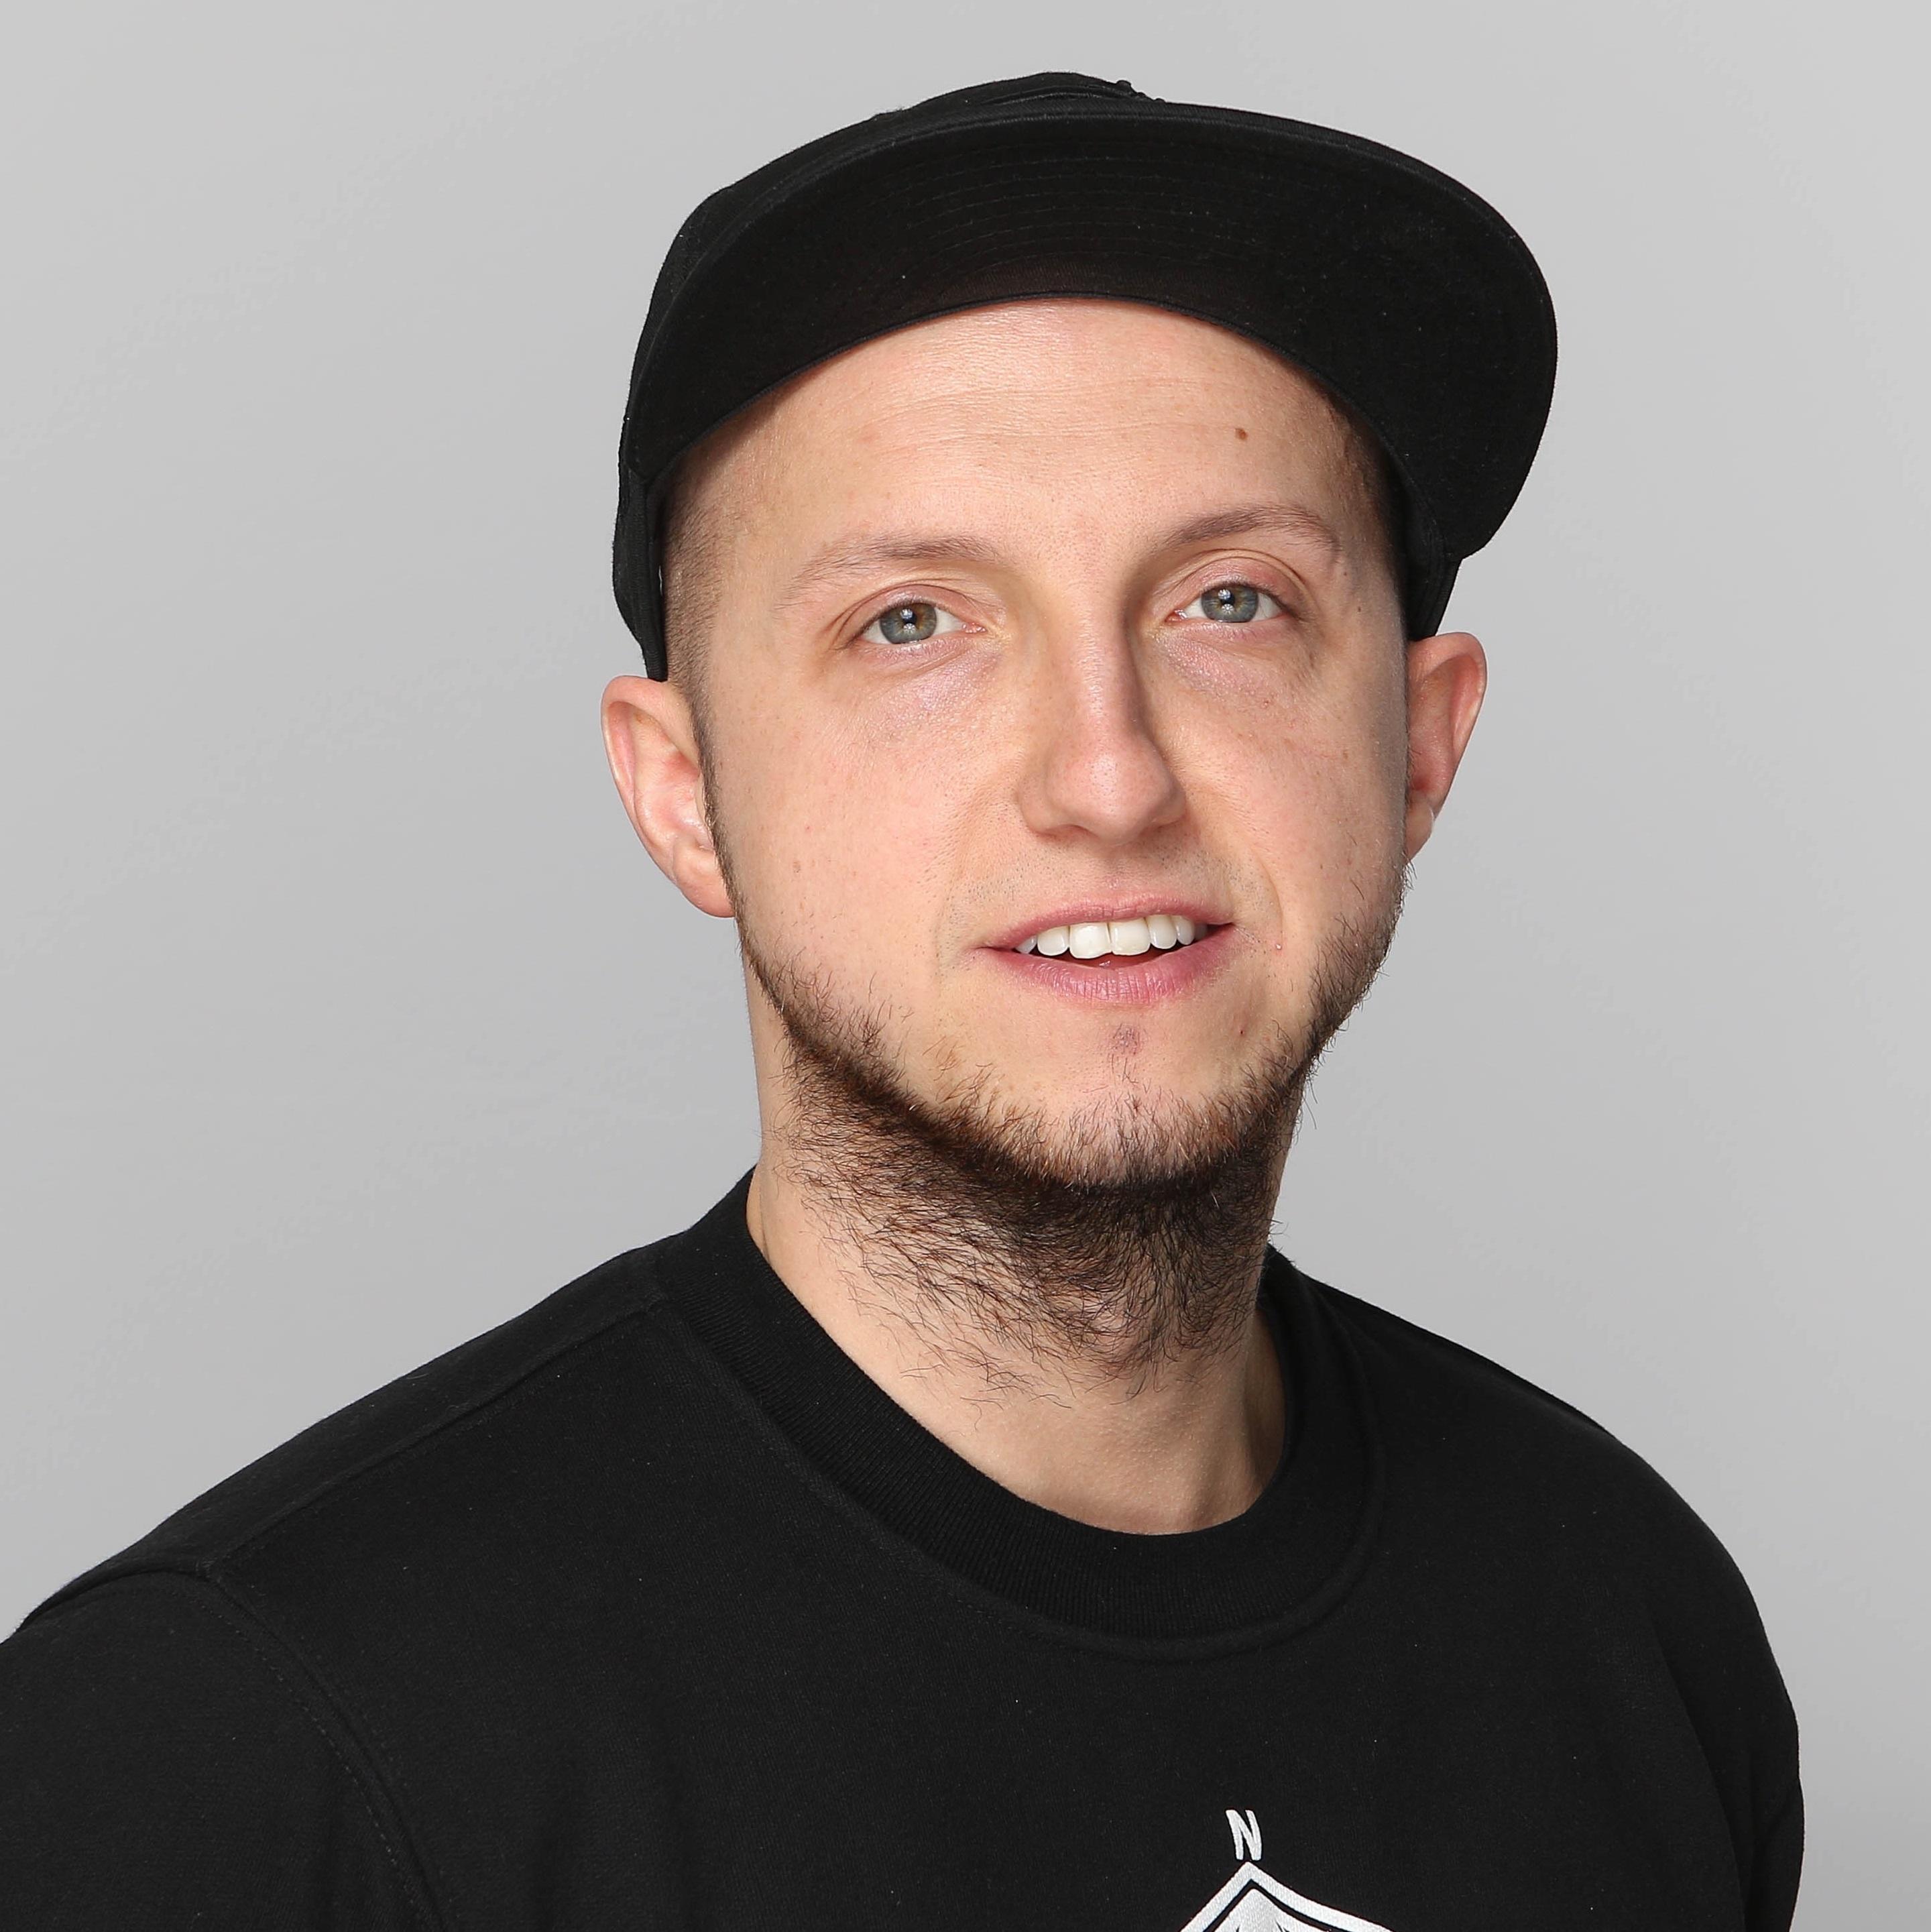 Rafał Skoneczny